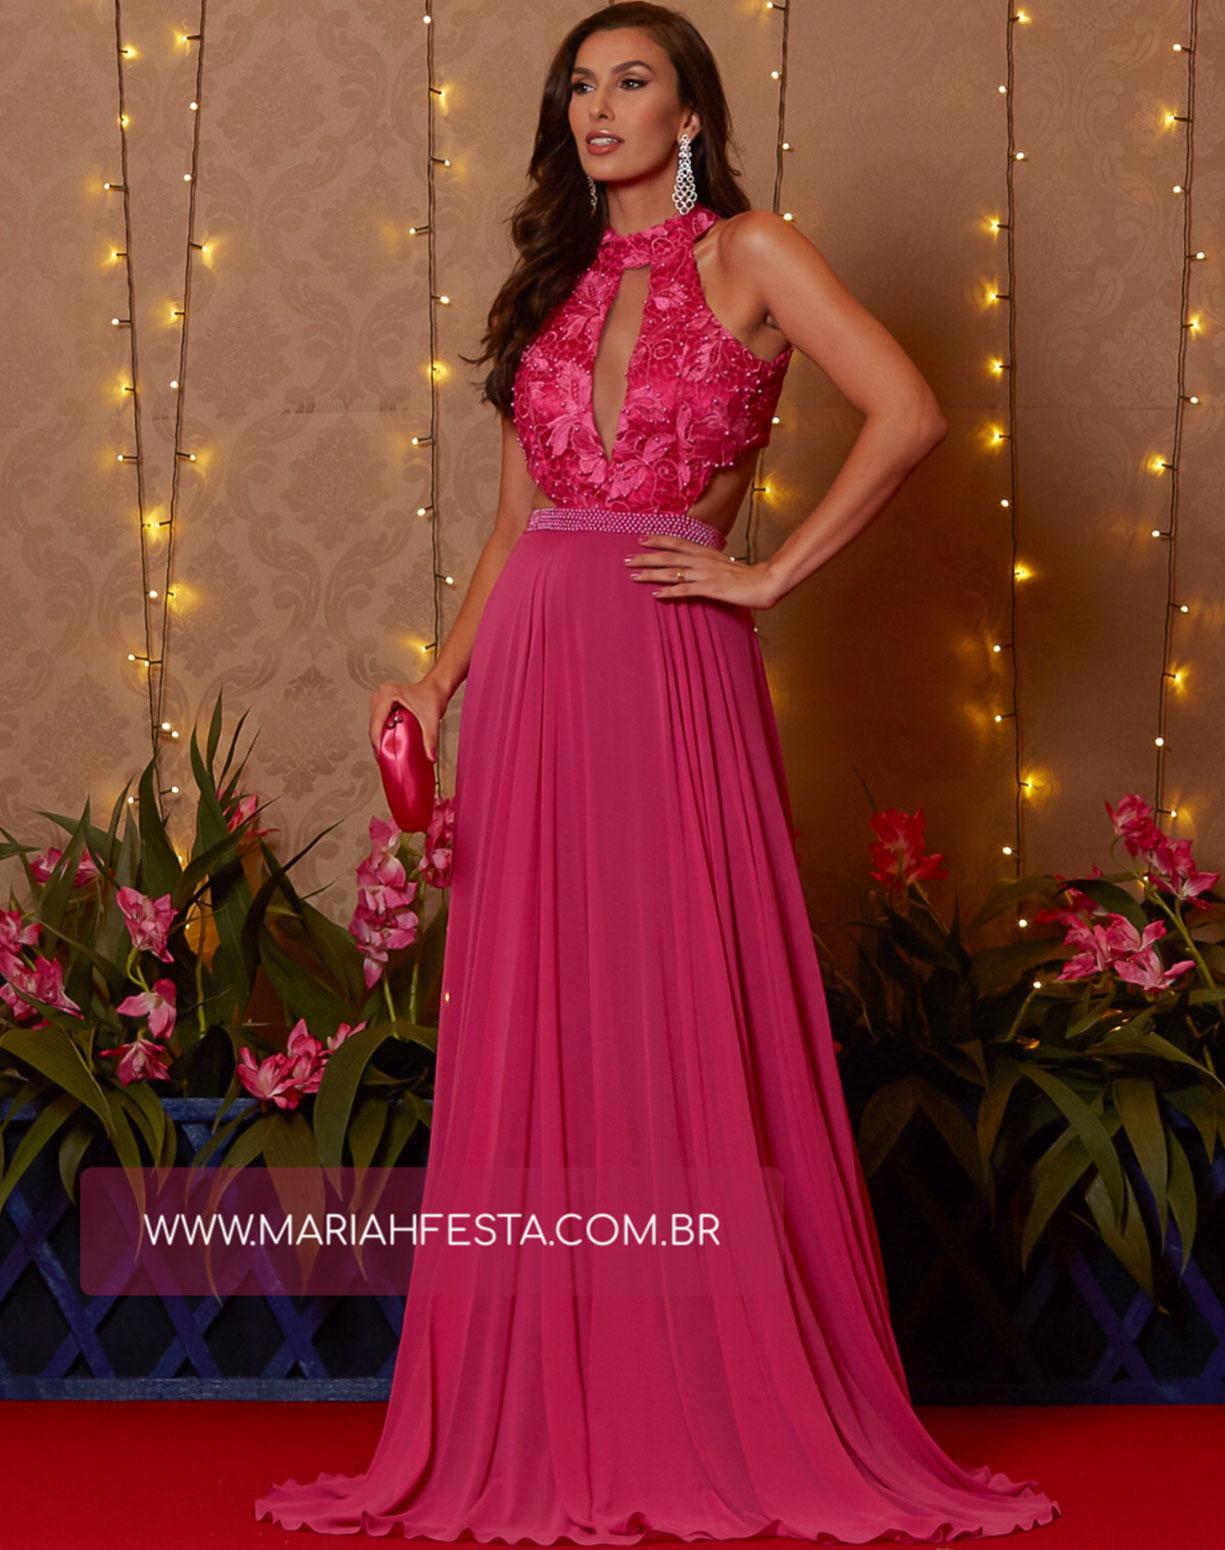 Vestido Rosa Pink com Corpo em Renda Bordado